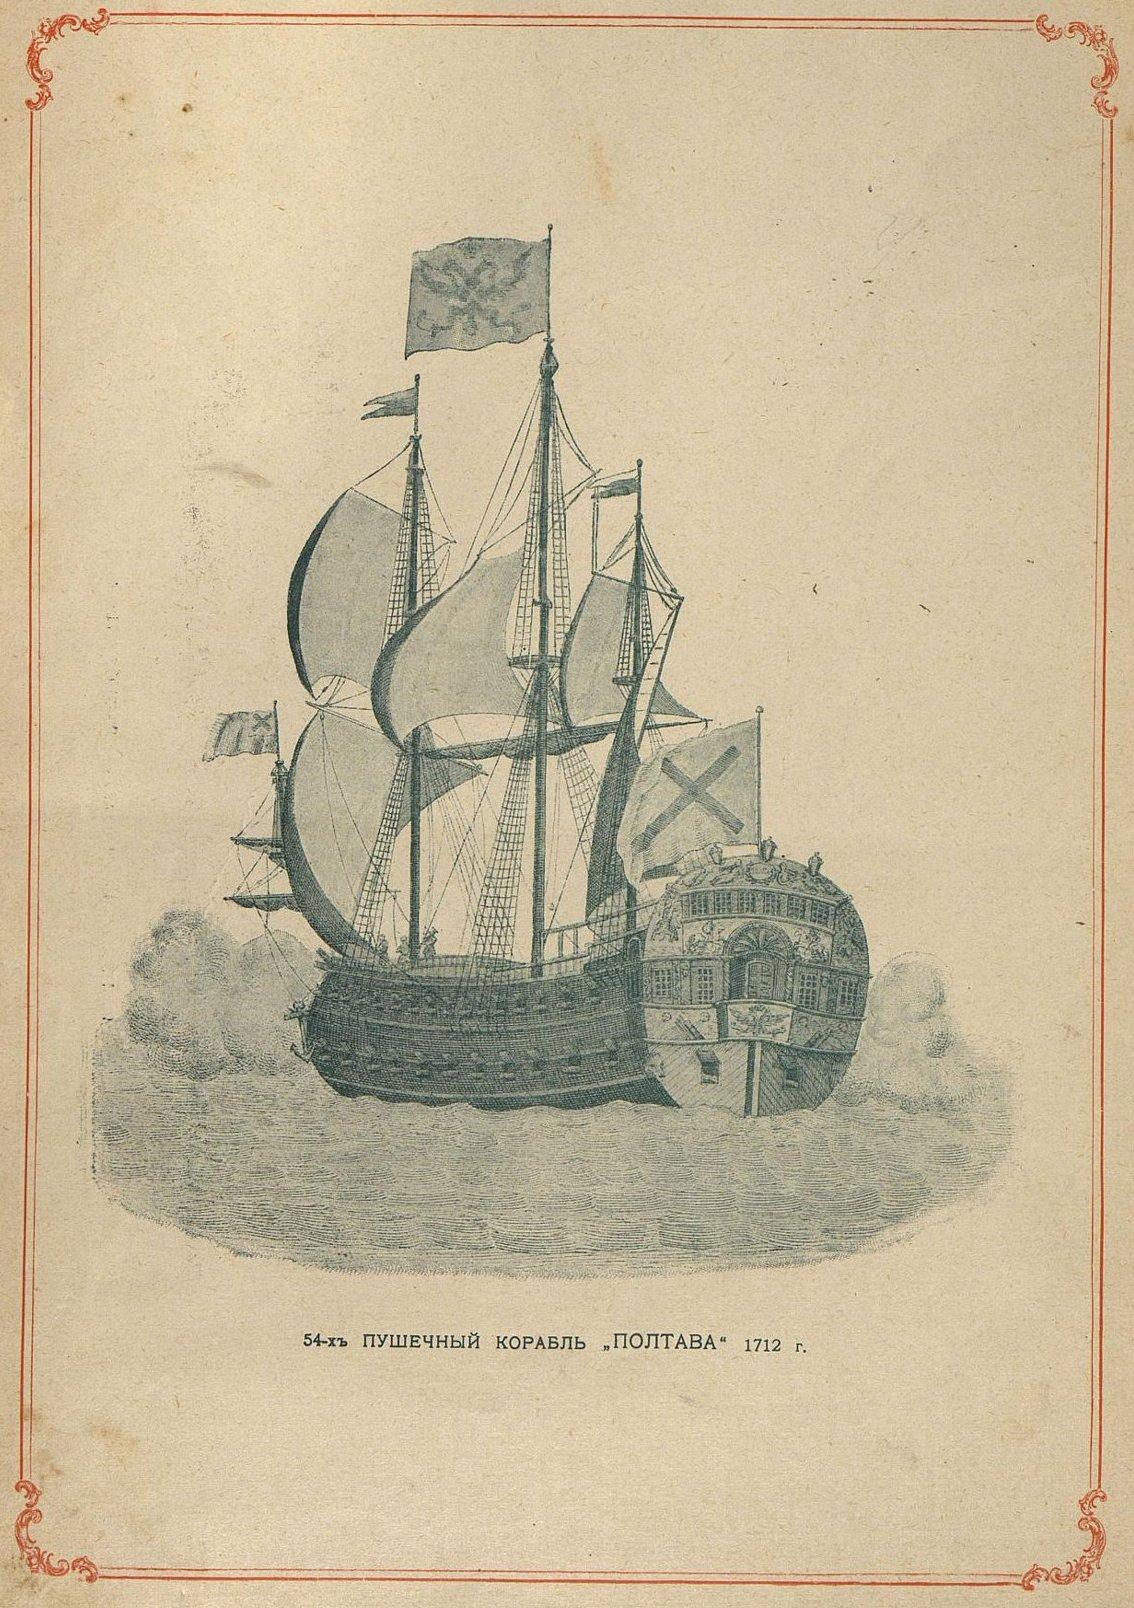 Пушечный корабль «Полтава» 1712 г.